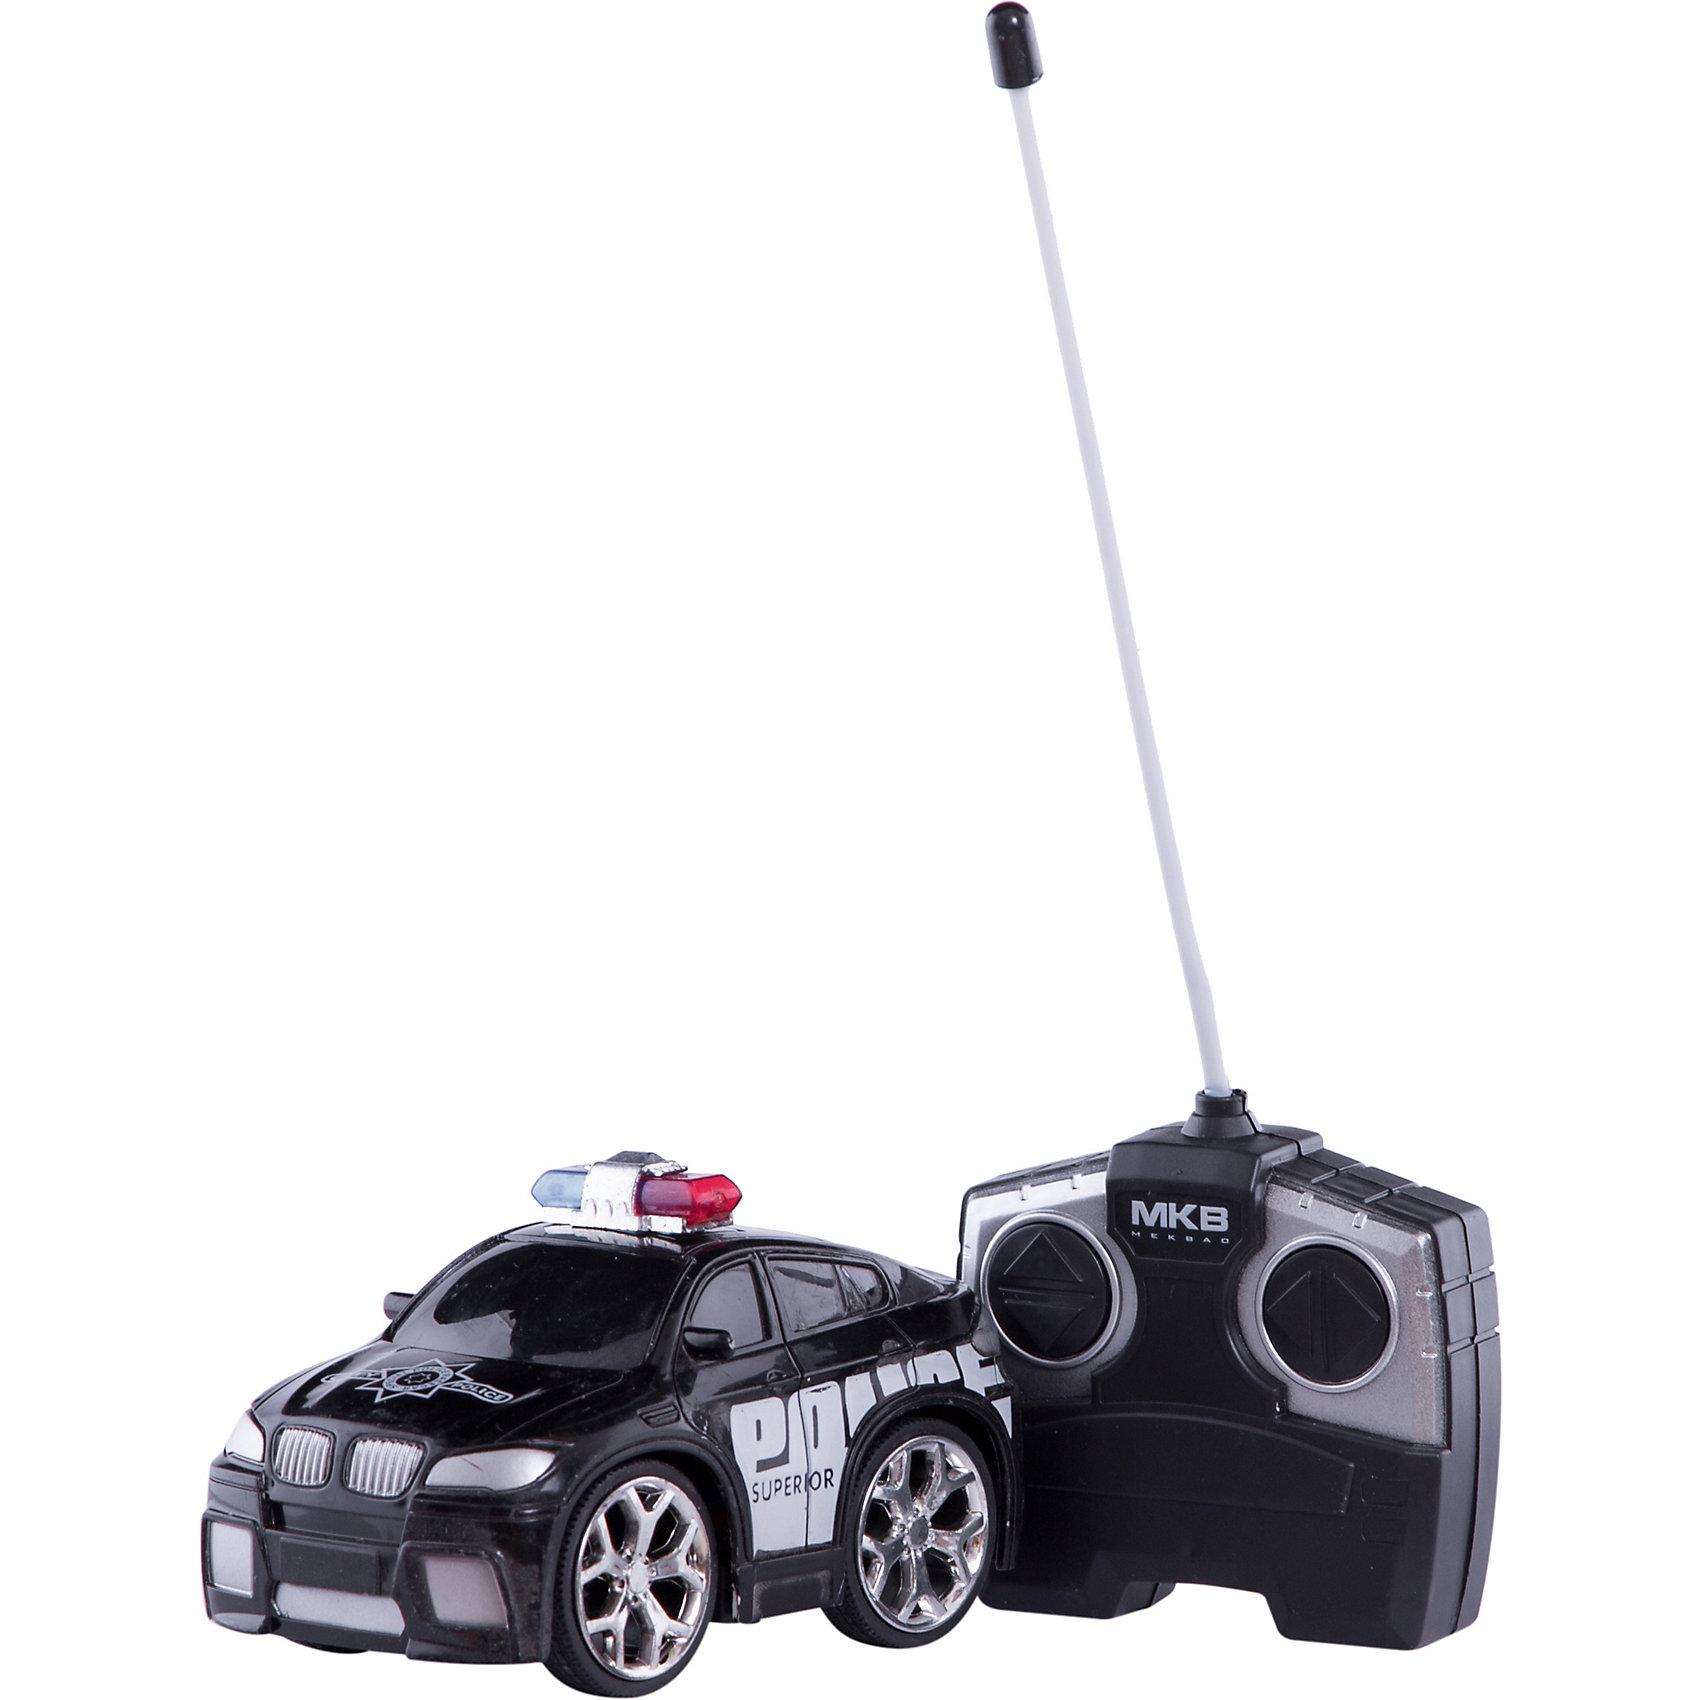 Машинка на радиоуправлении Police Car, черная, Blue SeaРадиоуправляемый транспорт<br>Машинка на радиоуправлении Police Car, черная, Blue Sea<br><br>Характеристики:<br><br>- Цвет: черный.<br>- Состав: пластик, металл.<br>- Радиоуправляемая игрушка.<br>- В комплекте: машинка, пульт управления.<br><br>Внимание: элементы питания в комплект не входят!<br><br>Машинка на радиоуправлении Police Car, черная – это один из представителей яркой серии машинок Mini Car от бренда Blue Sea (Блу Сии). Она проста в управлении, двигается вперед, назад, влево и вправо. Для того, чтобы начать играть, достаточно просто докупить элементы питания для машинки и пульта управления. Вашему малышу обязательно понравятся простота управления и необычный дизайн в виде полицейской машины.<br><br>Машинку на радиоуправлении Police Car, черную, Blue Sea, можно купить в нашем интернет – магазине.<br><br>Ширина мм: 210<br>Глубина мм: 110<br>Высота мм: 110<br>Вес г: 300<br>Возраст от месяцев: 36<br>Возраст до месяцев: 2147483647<br>Пол: Мужской<br>Возраст: Детский<br>SKU: 5419374